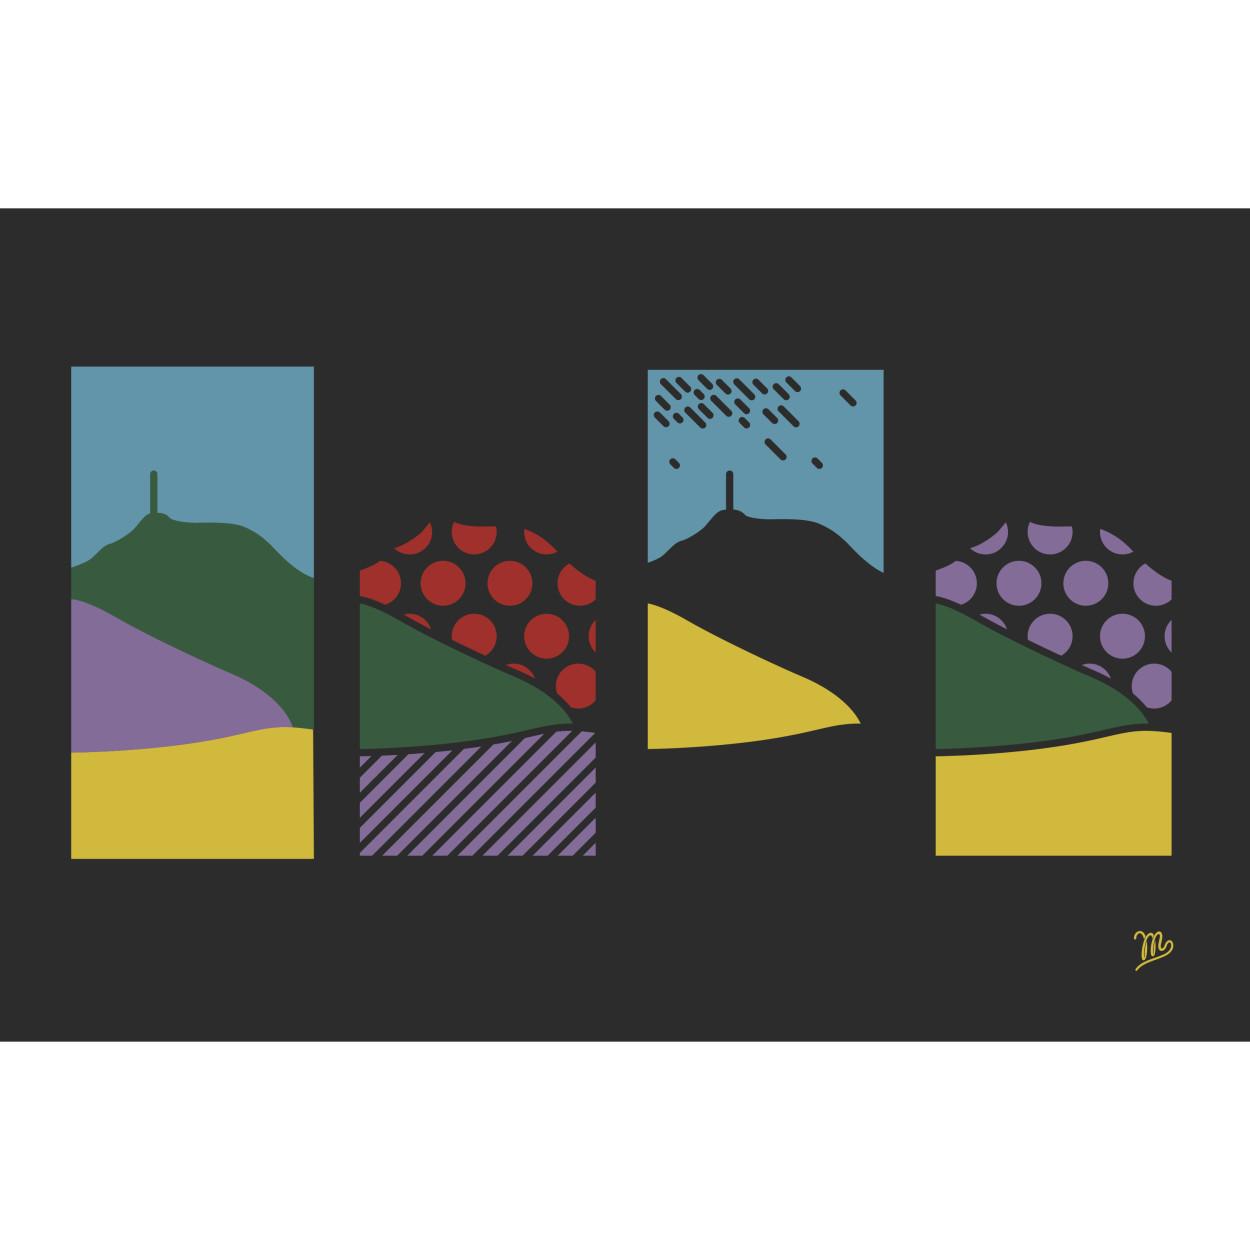 JULIEN-VICTOIRE-DOME-COLORS-3X2-VARIANTES.jpg